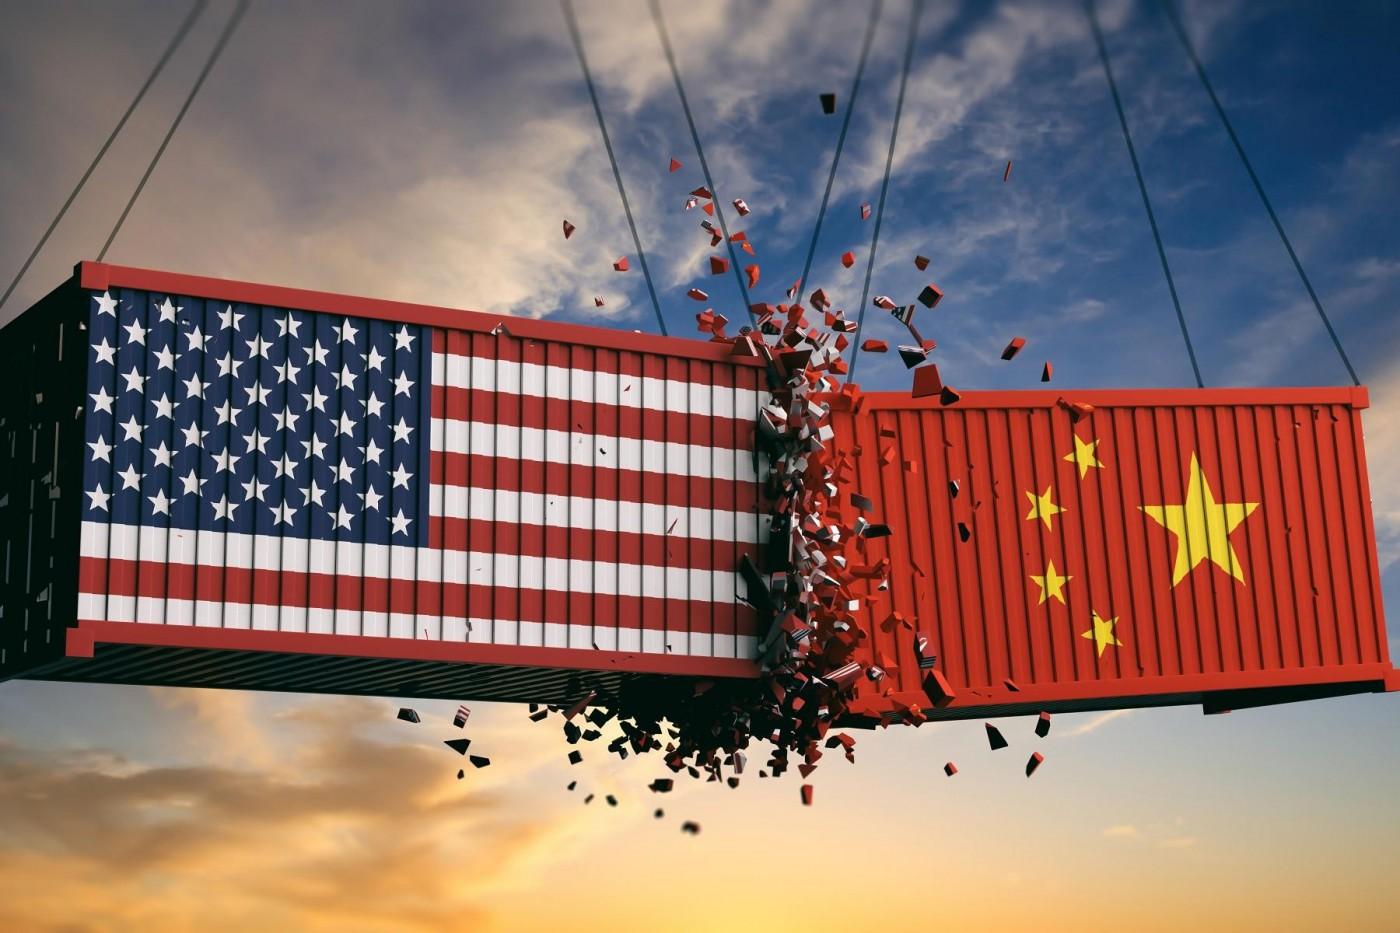 美國打擊科技盜竊,超過1,000名中國研究員遭取消簽證、被迫回家